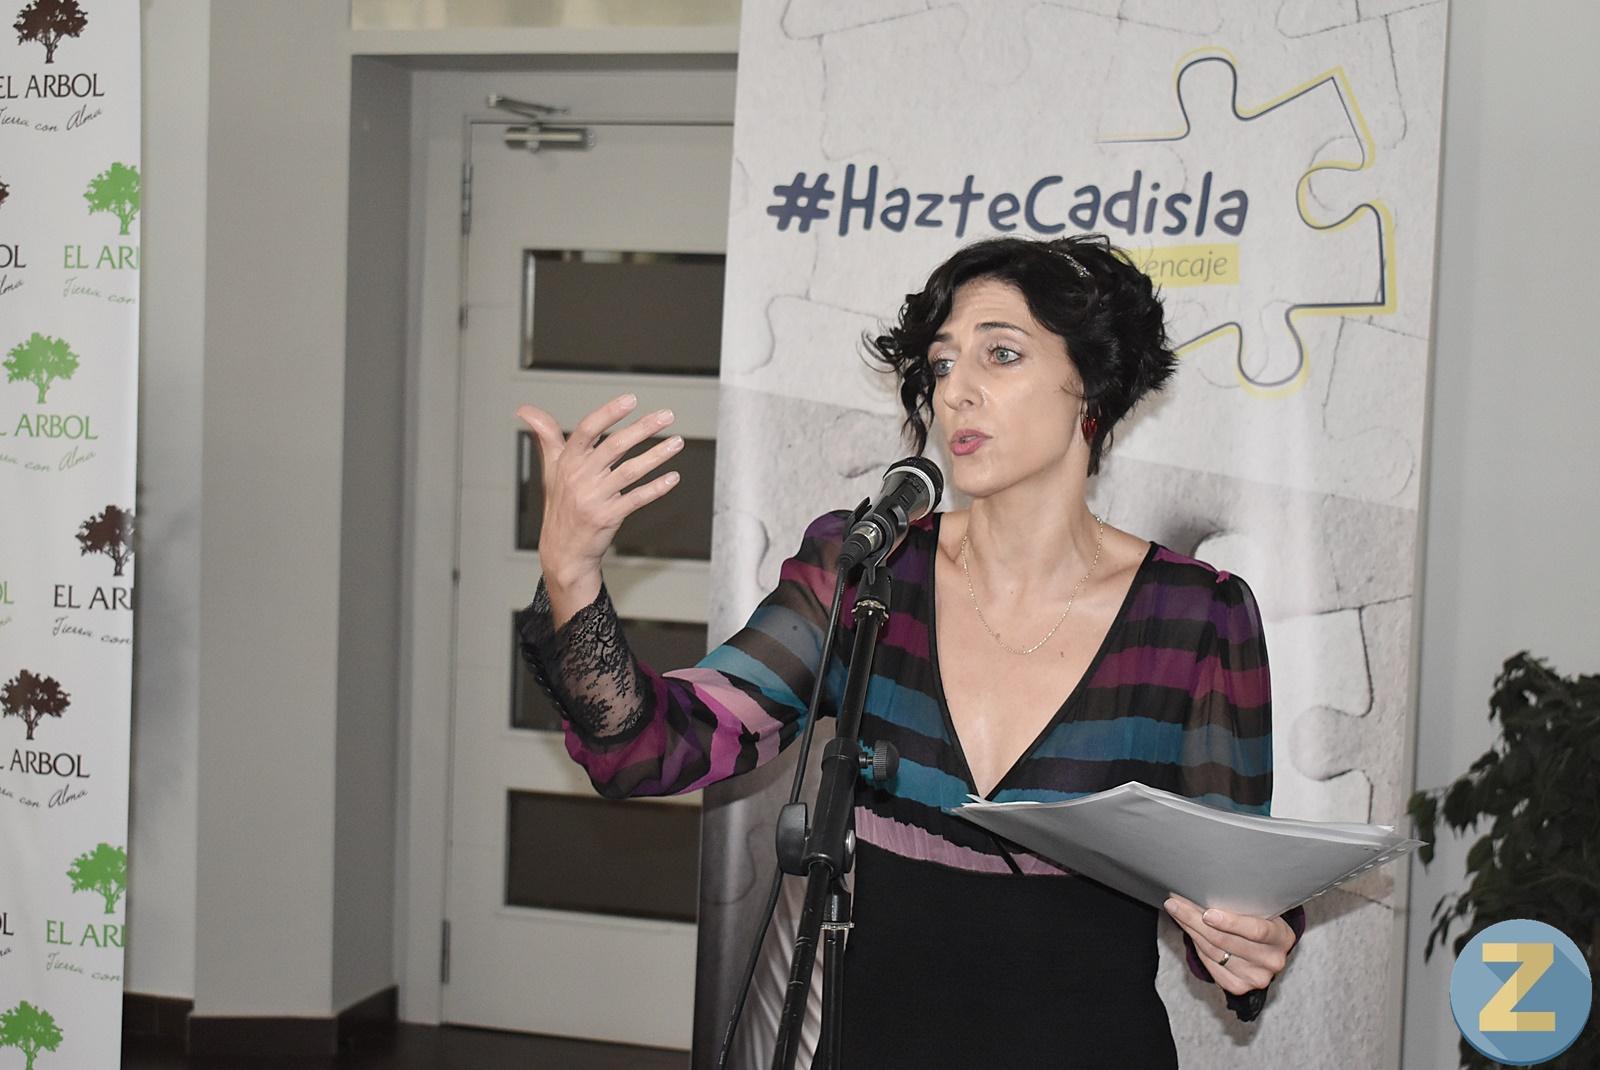 Cristina Marin directora de Fundacion Cadisla